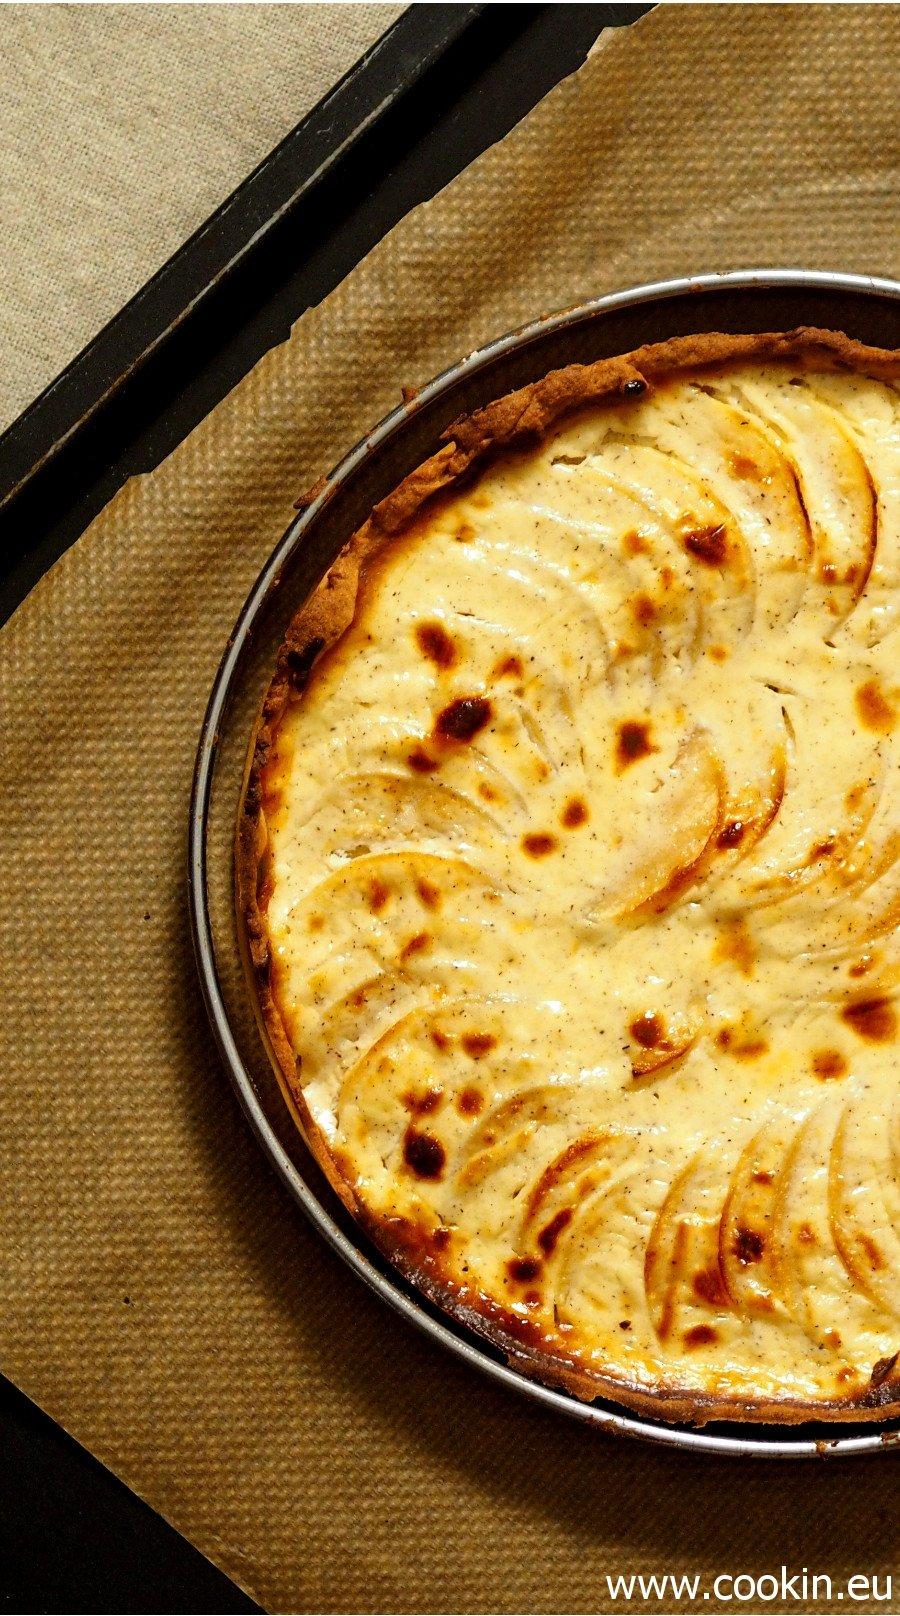 franzoesische-apfel-tarte-2-3-hk-900